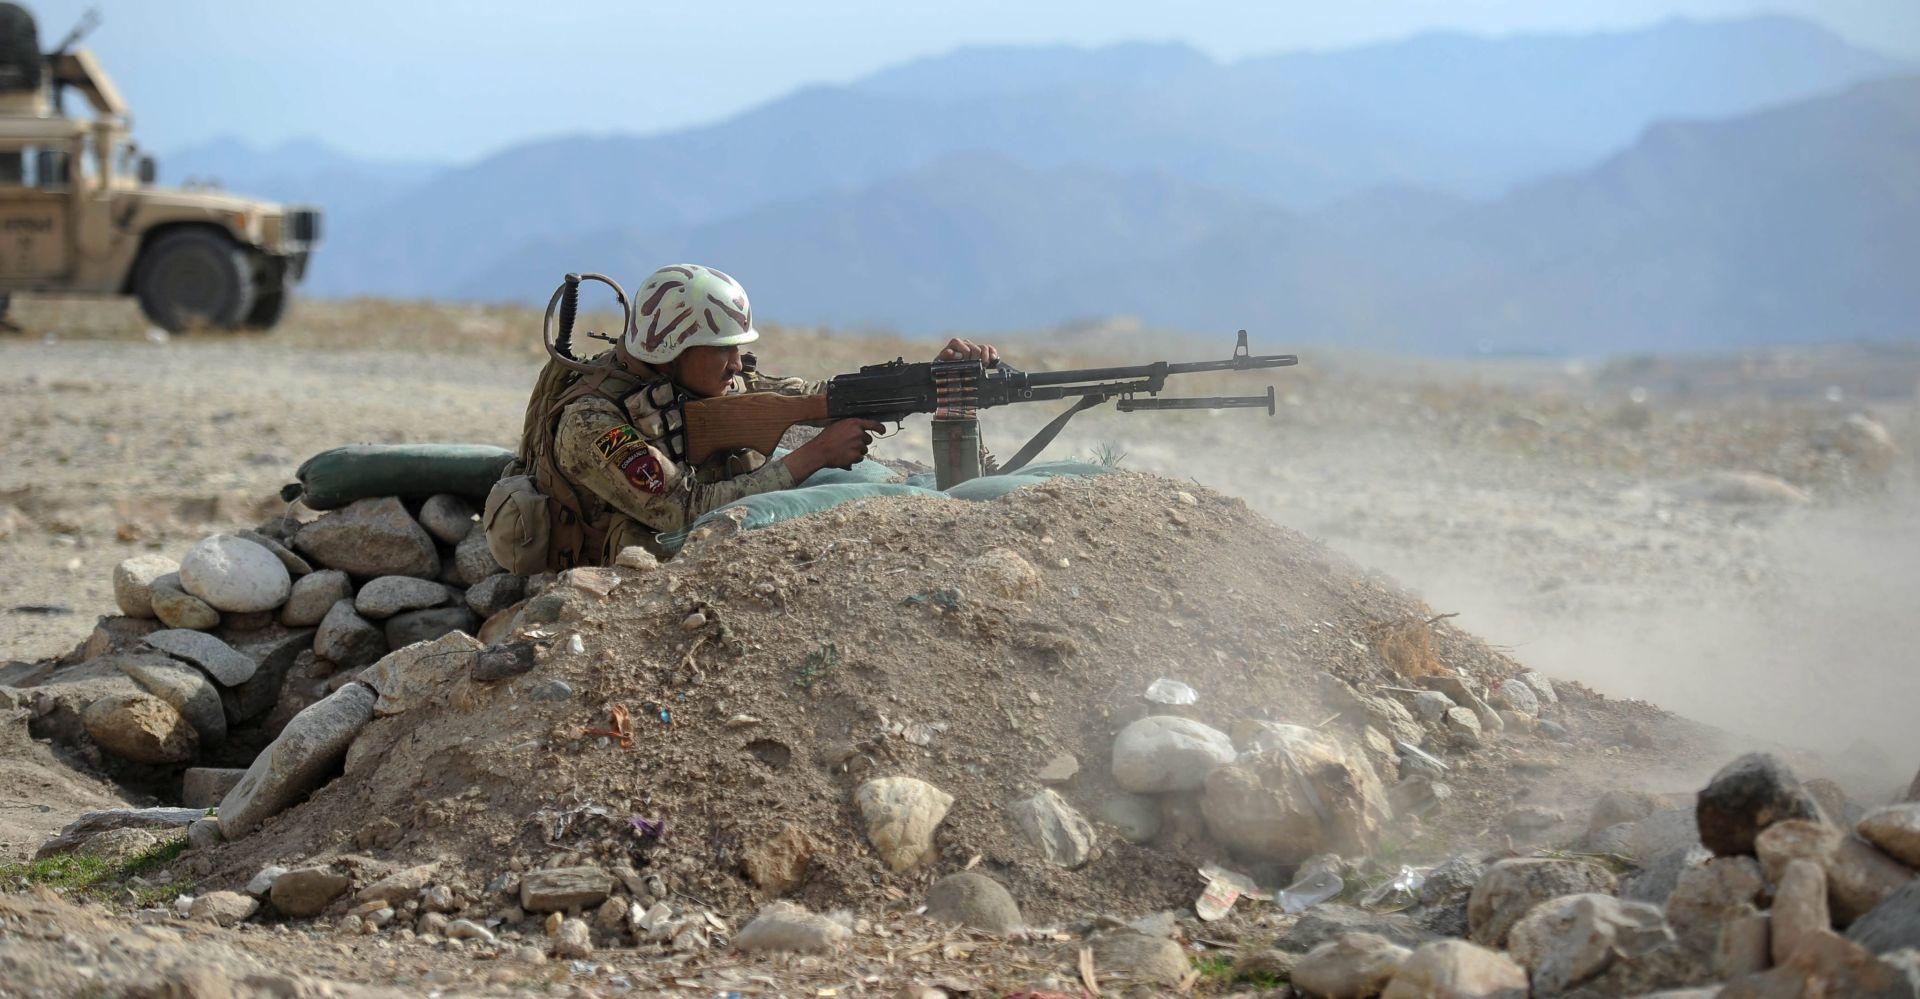 JEDAN OD UVJETA: Talibani traže oslobađanje političkih zatvorenika